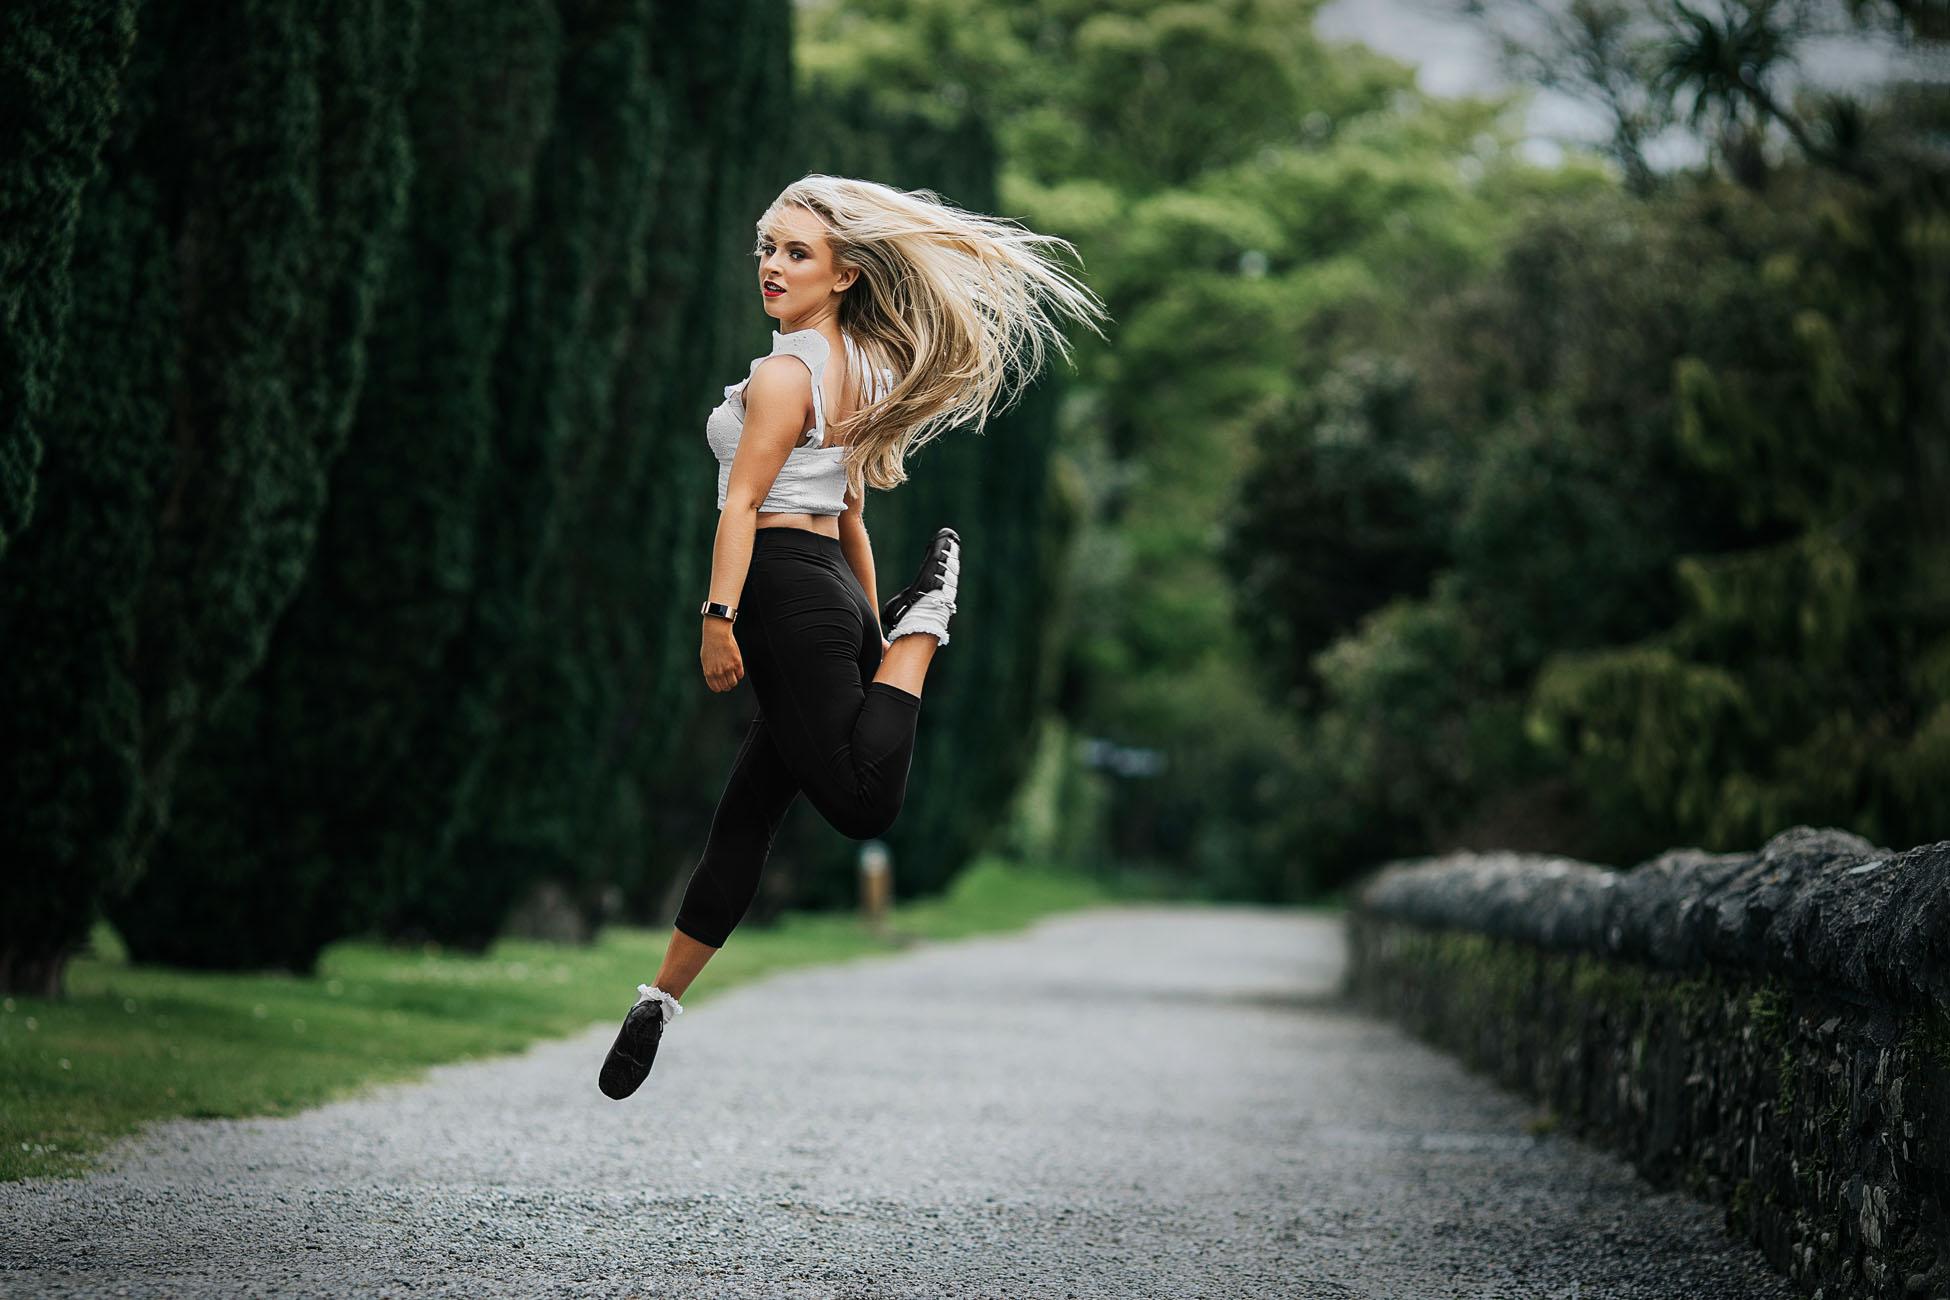 irish-dance-portrait-photographer-dublin-ireland-0063.jpg